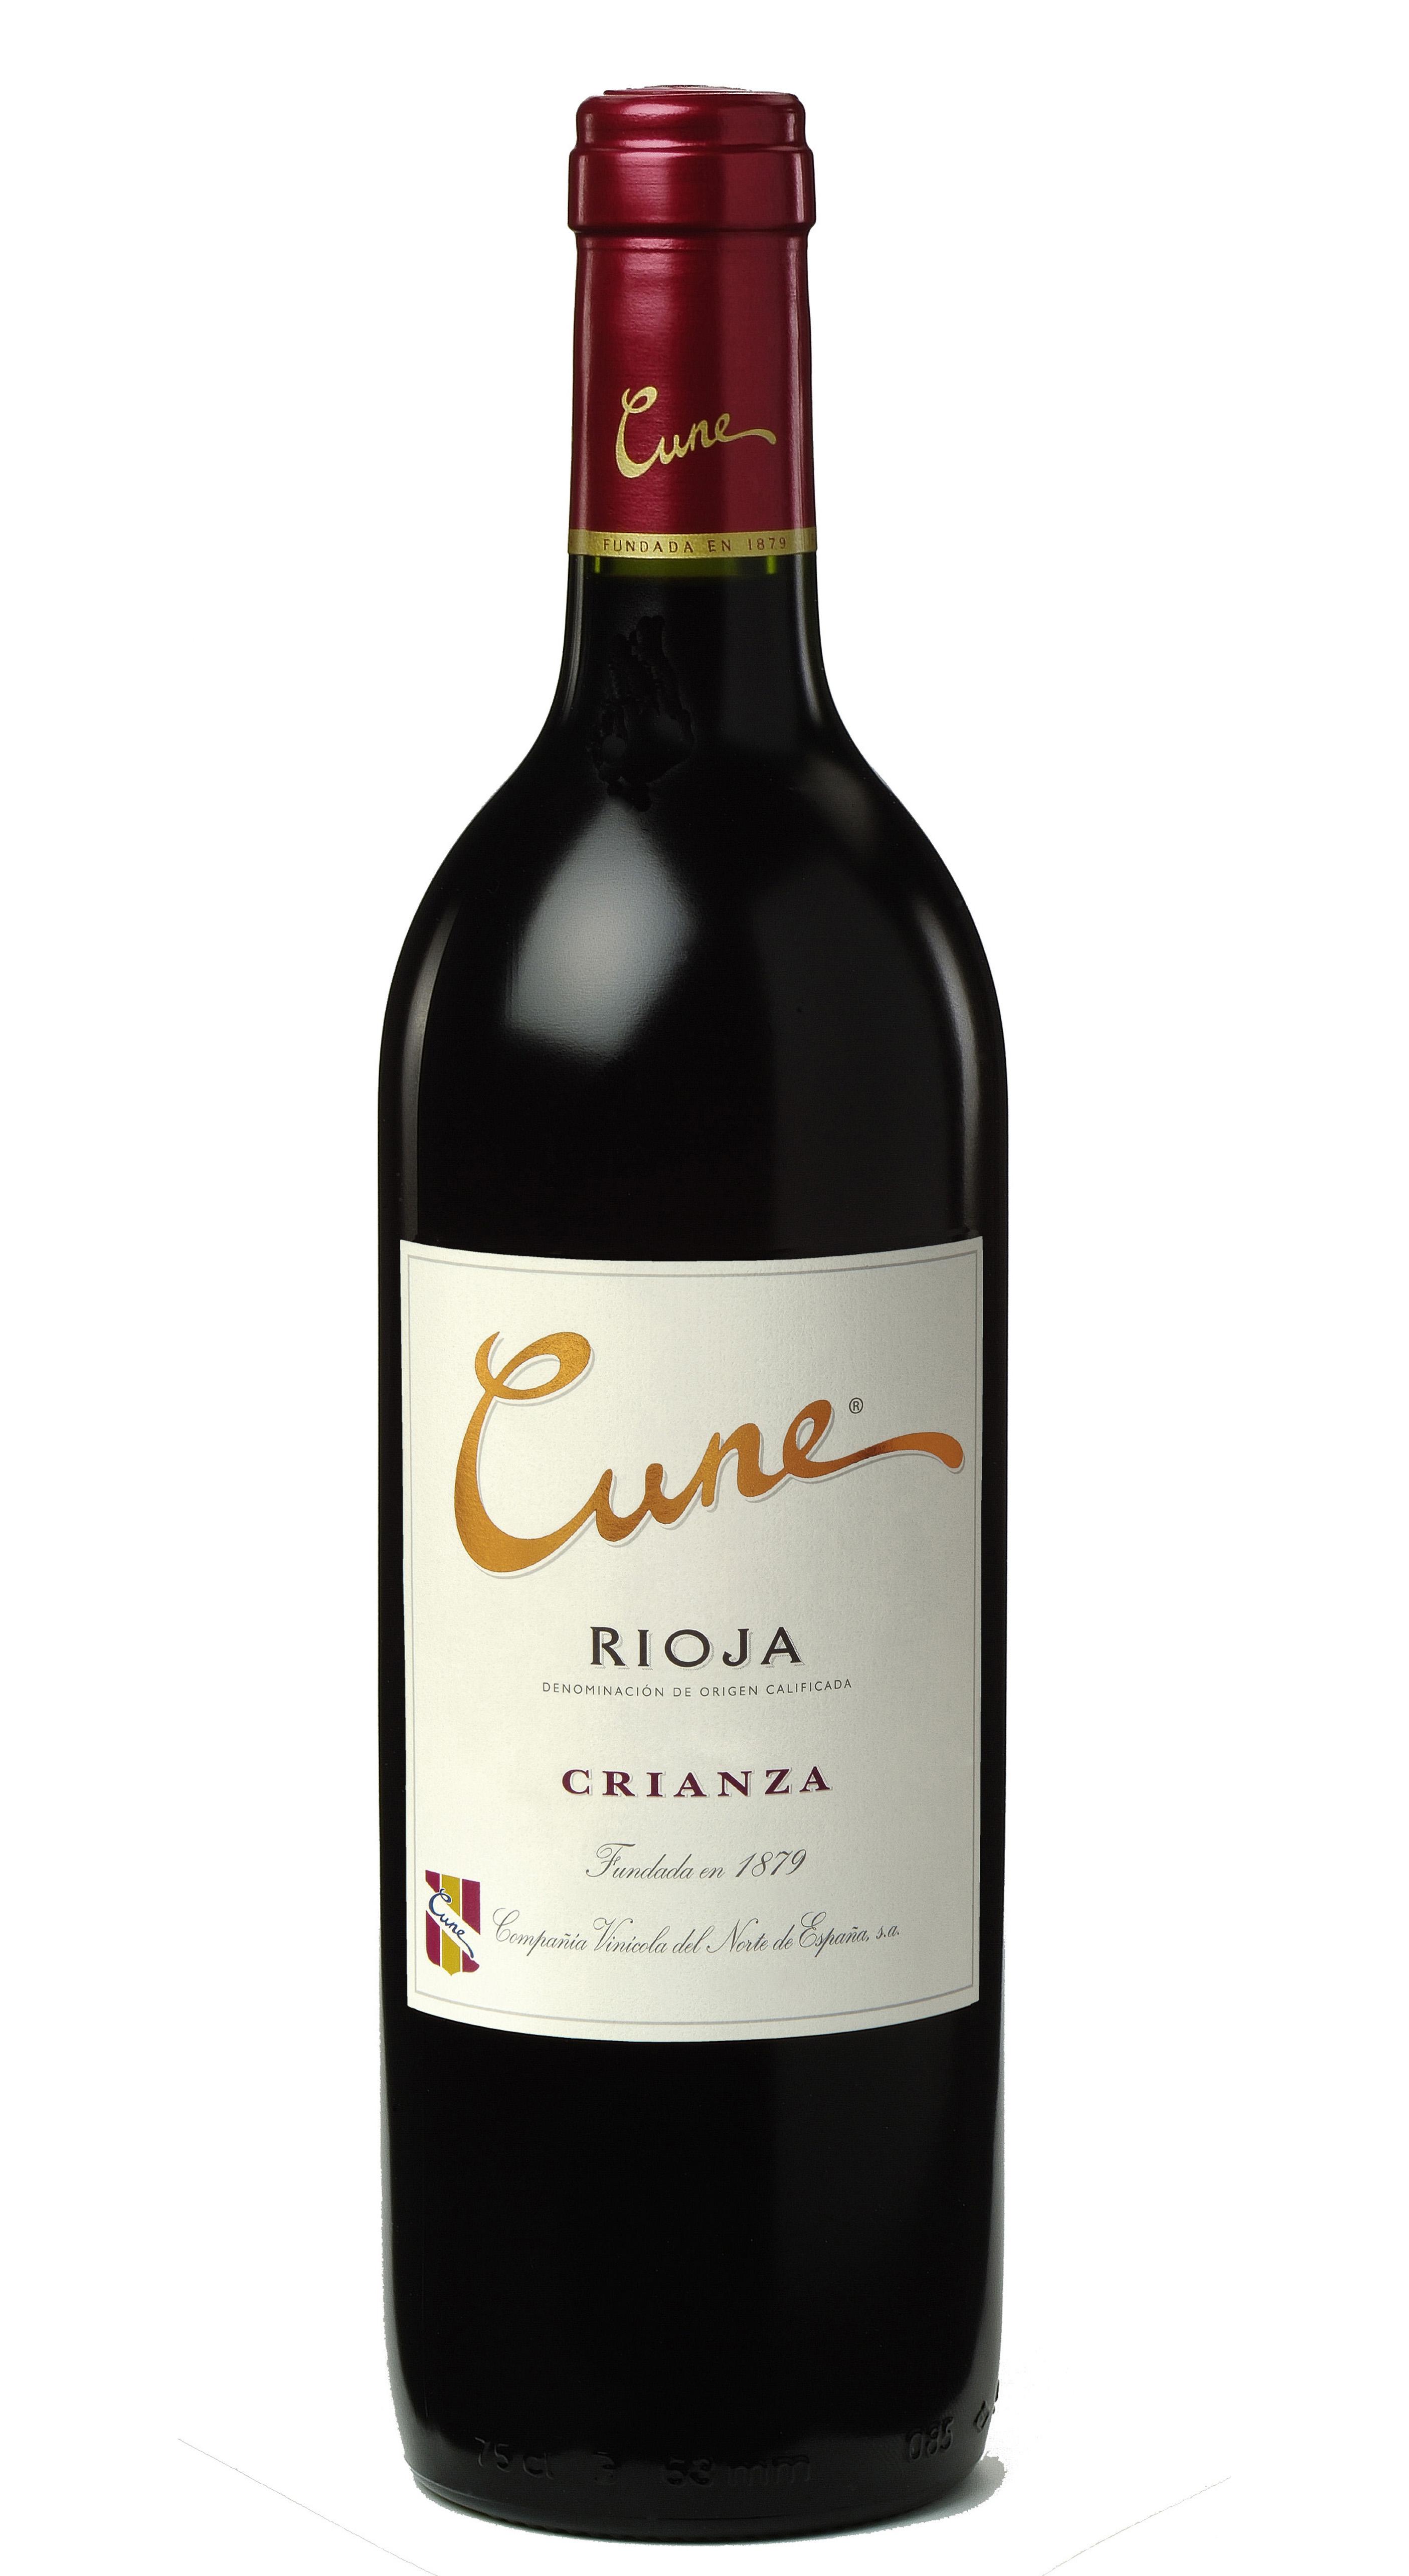 Review: Cune Rioja 2010 Crianza and 2013 Monopole